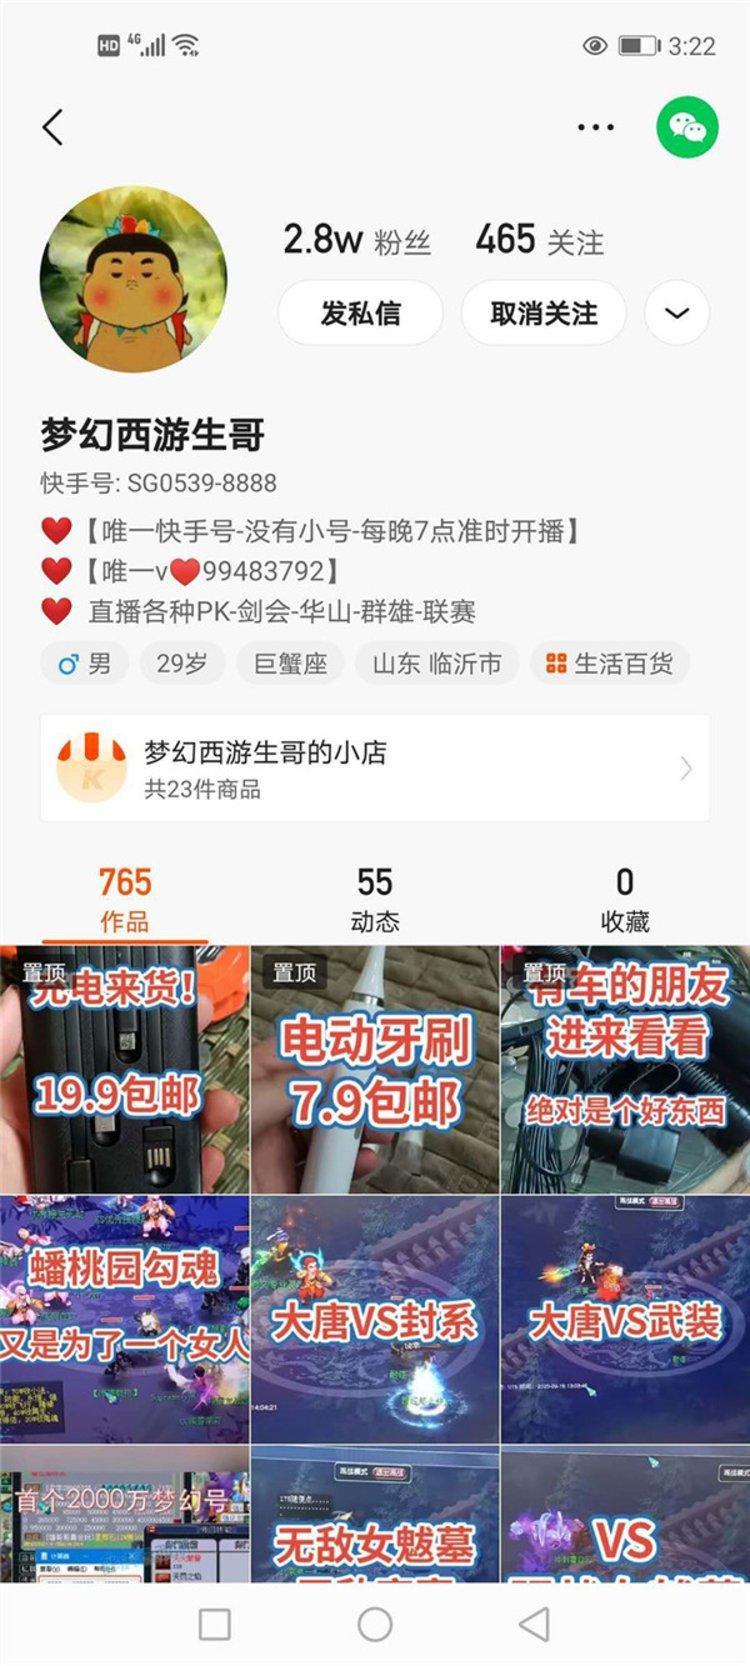 退款五千元!江苏男子交钱跟游戏主播投资赚钱发现上当 警方已立案